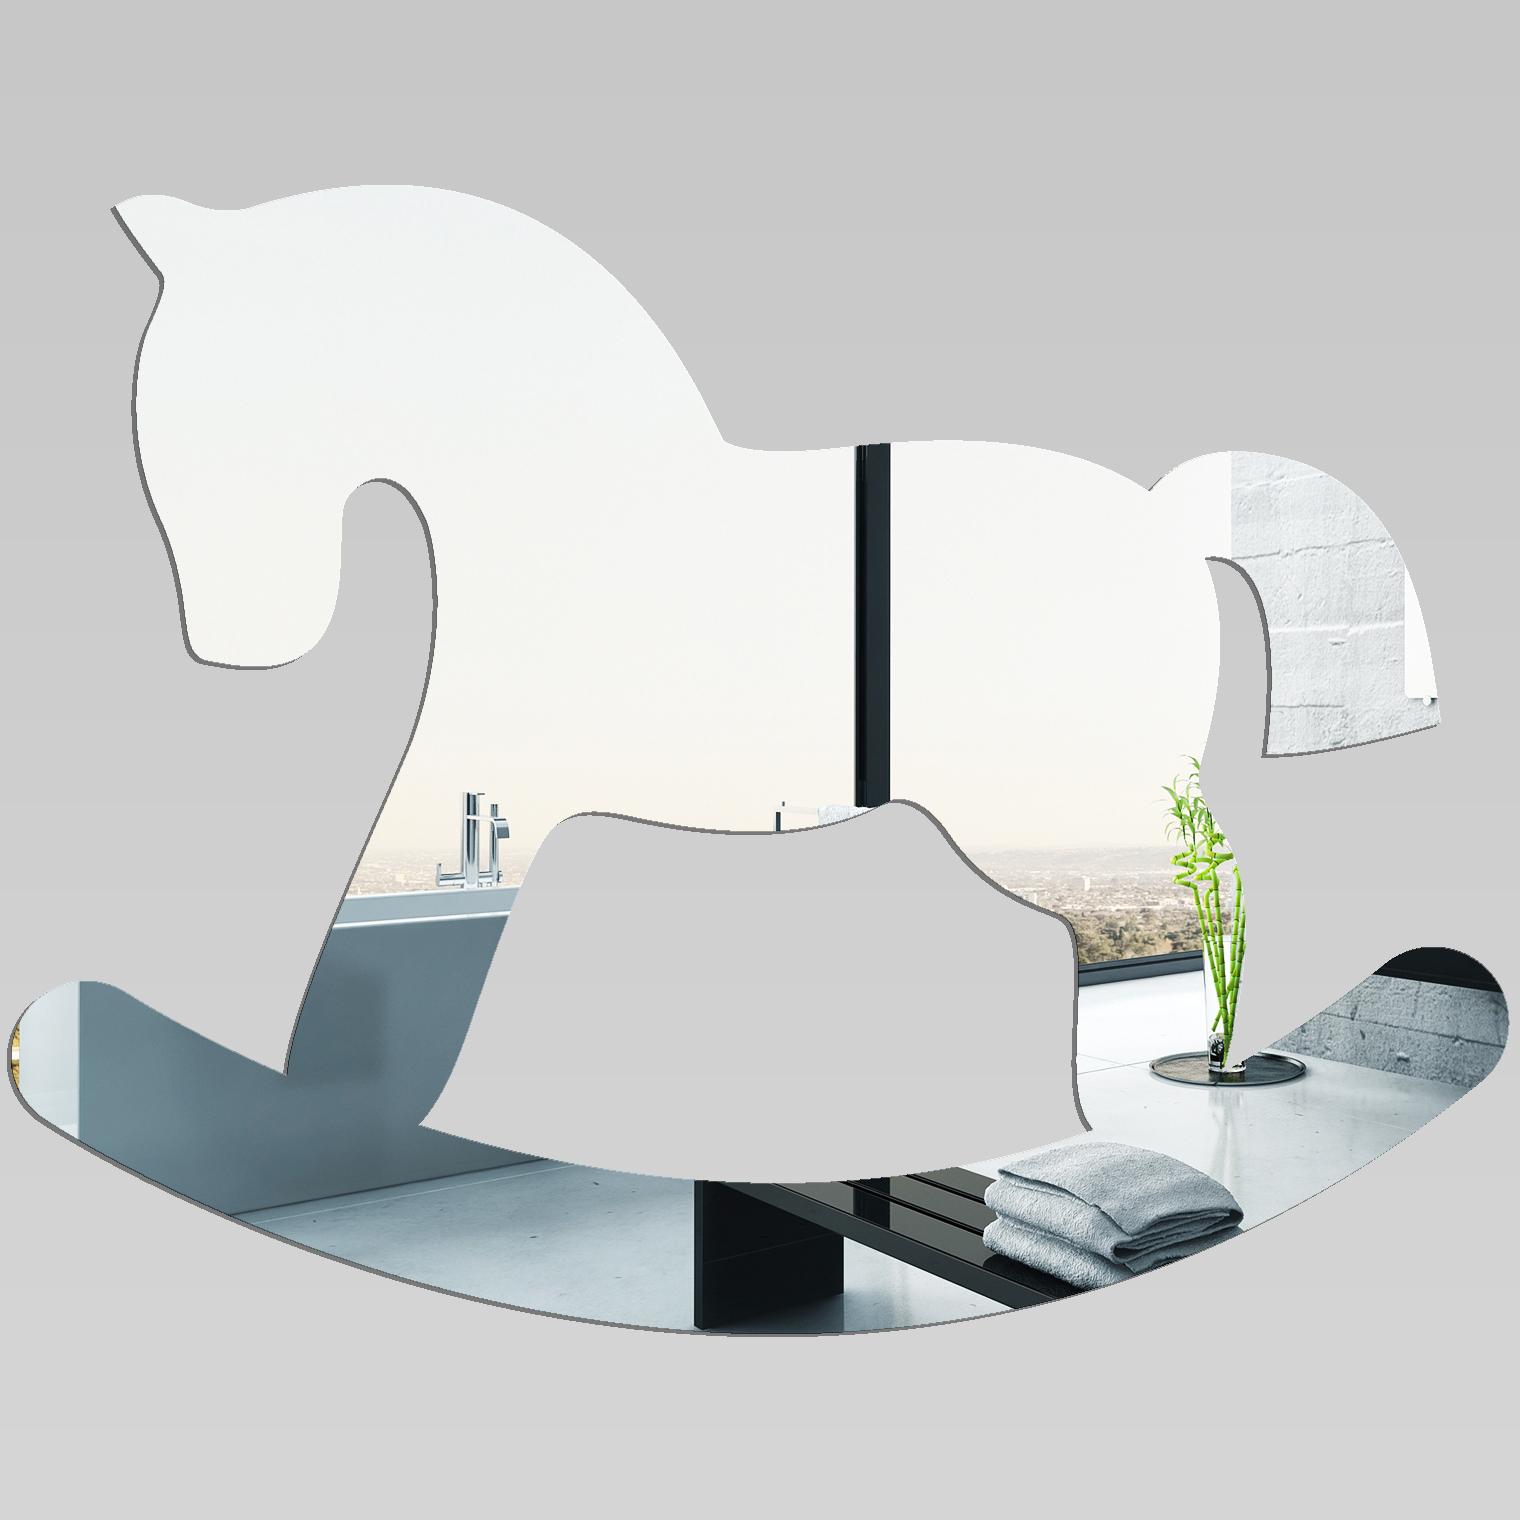 Adesivi follia specchio acrilico plexiglass cavallo a - Plexiglass a specchio ...